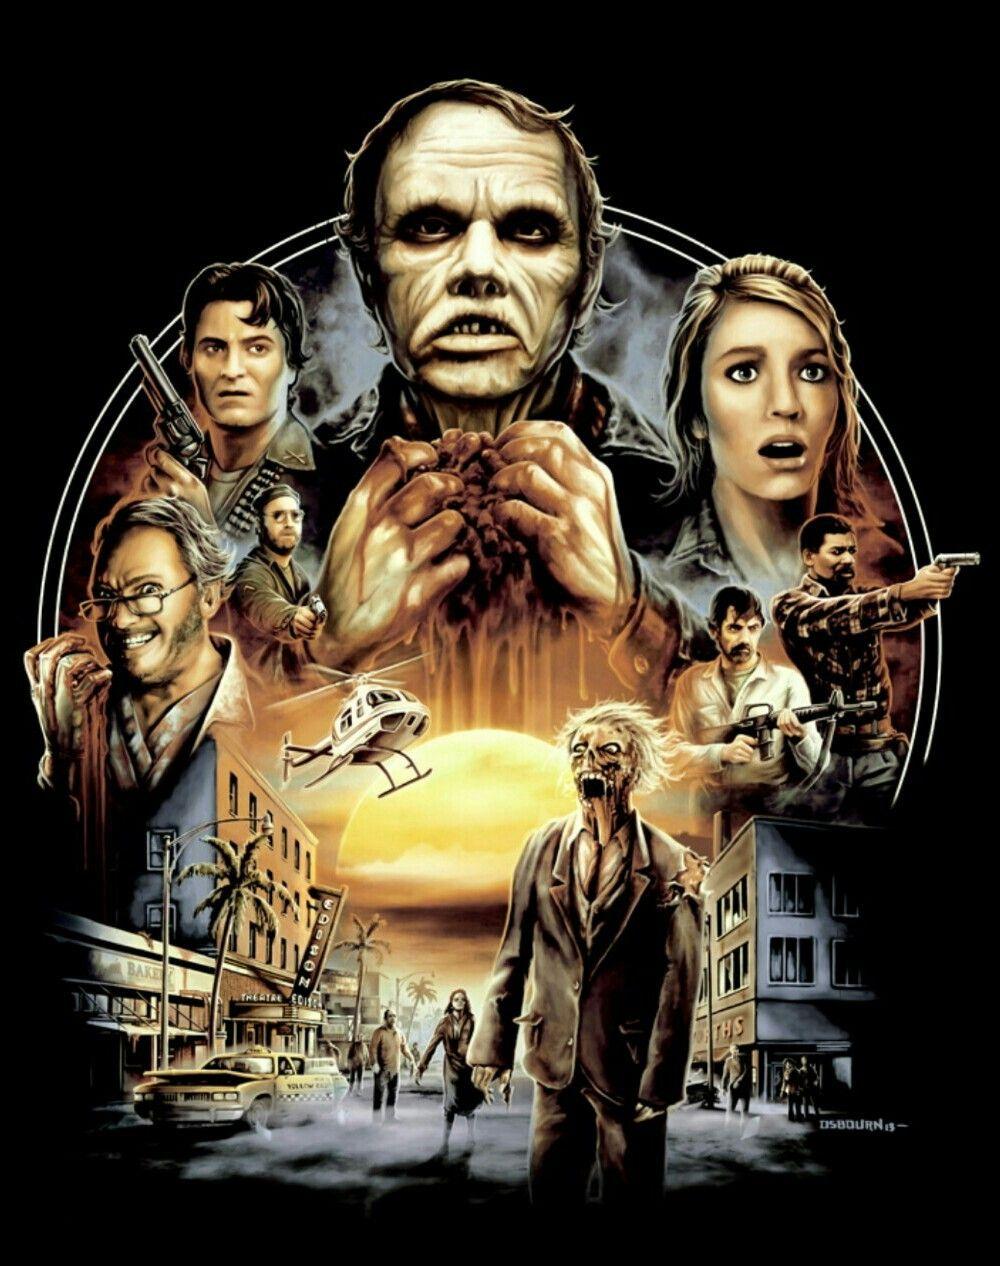 DAY OF THE DEAD Horror movie art, Movie artwork, Horror